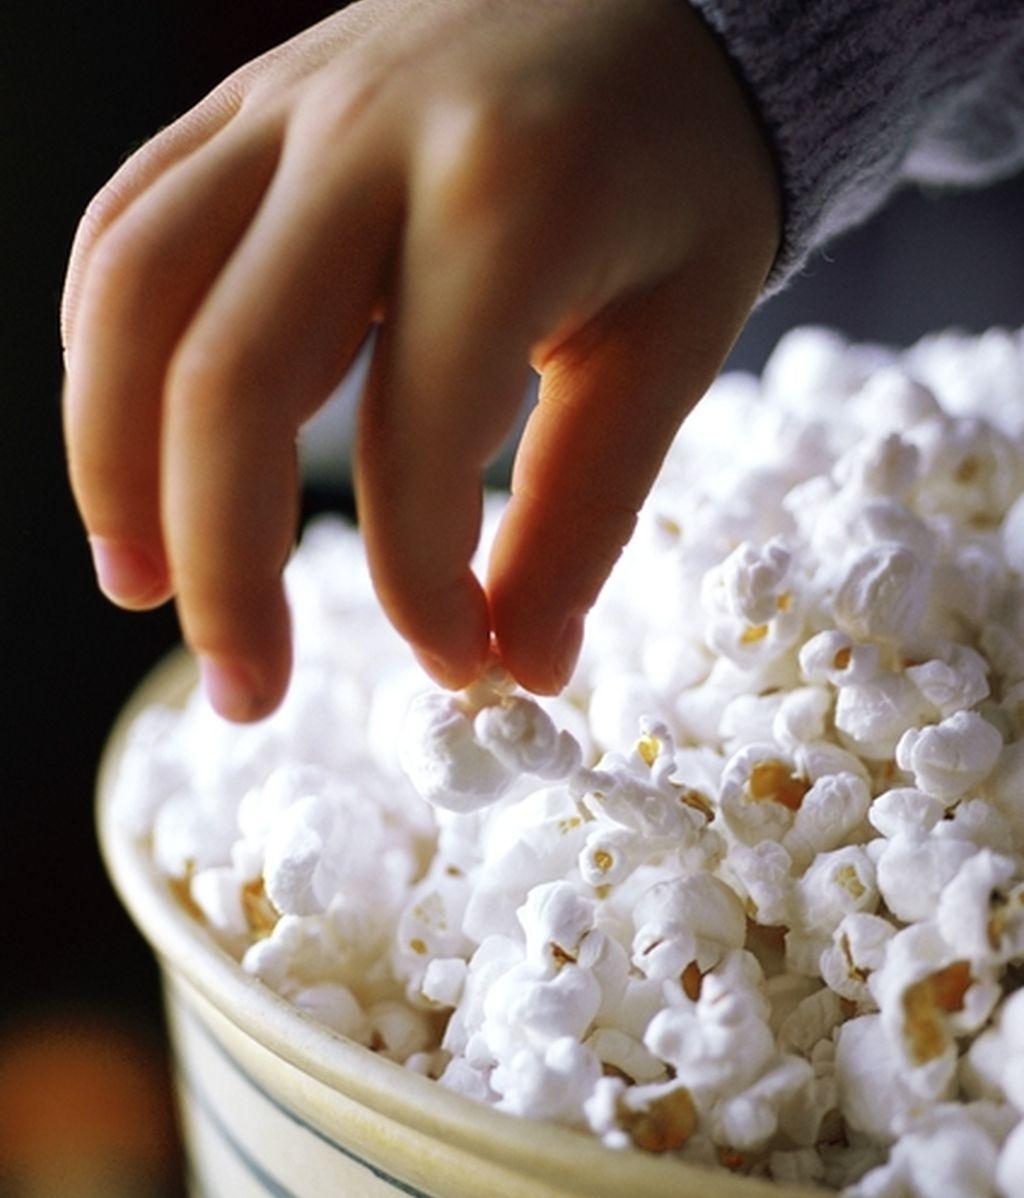 Las películas dramáticas hacen comer más